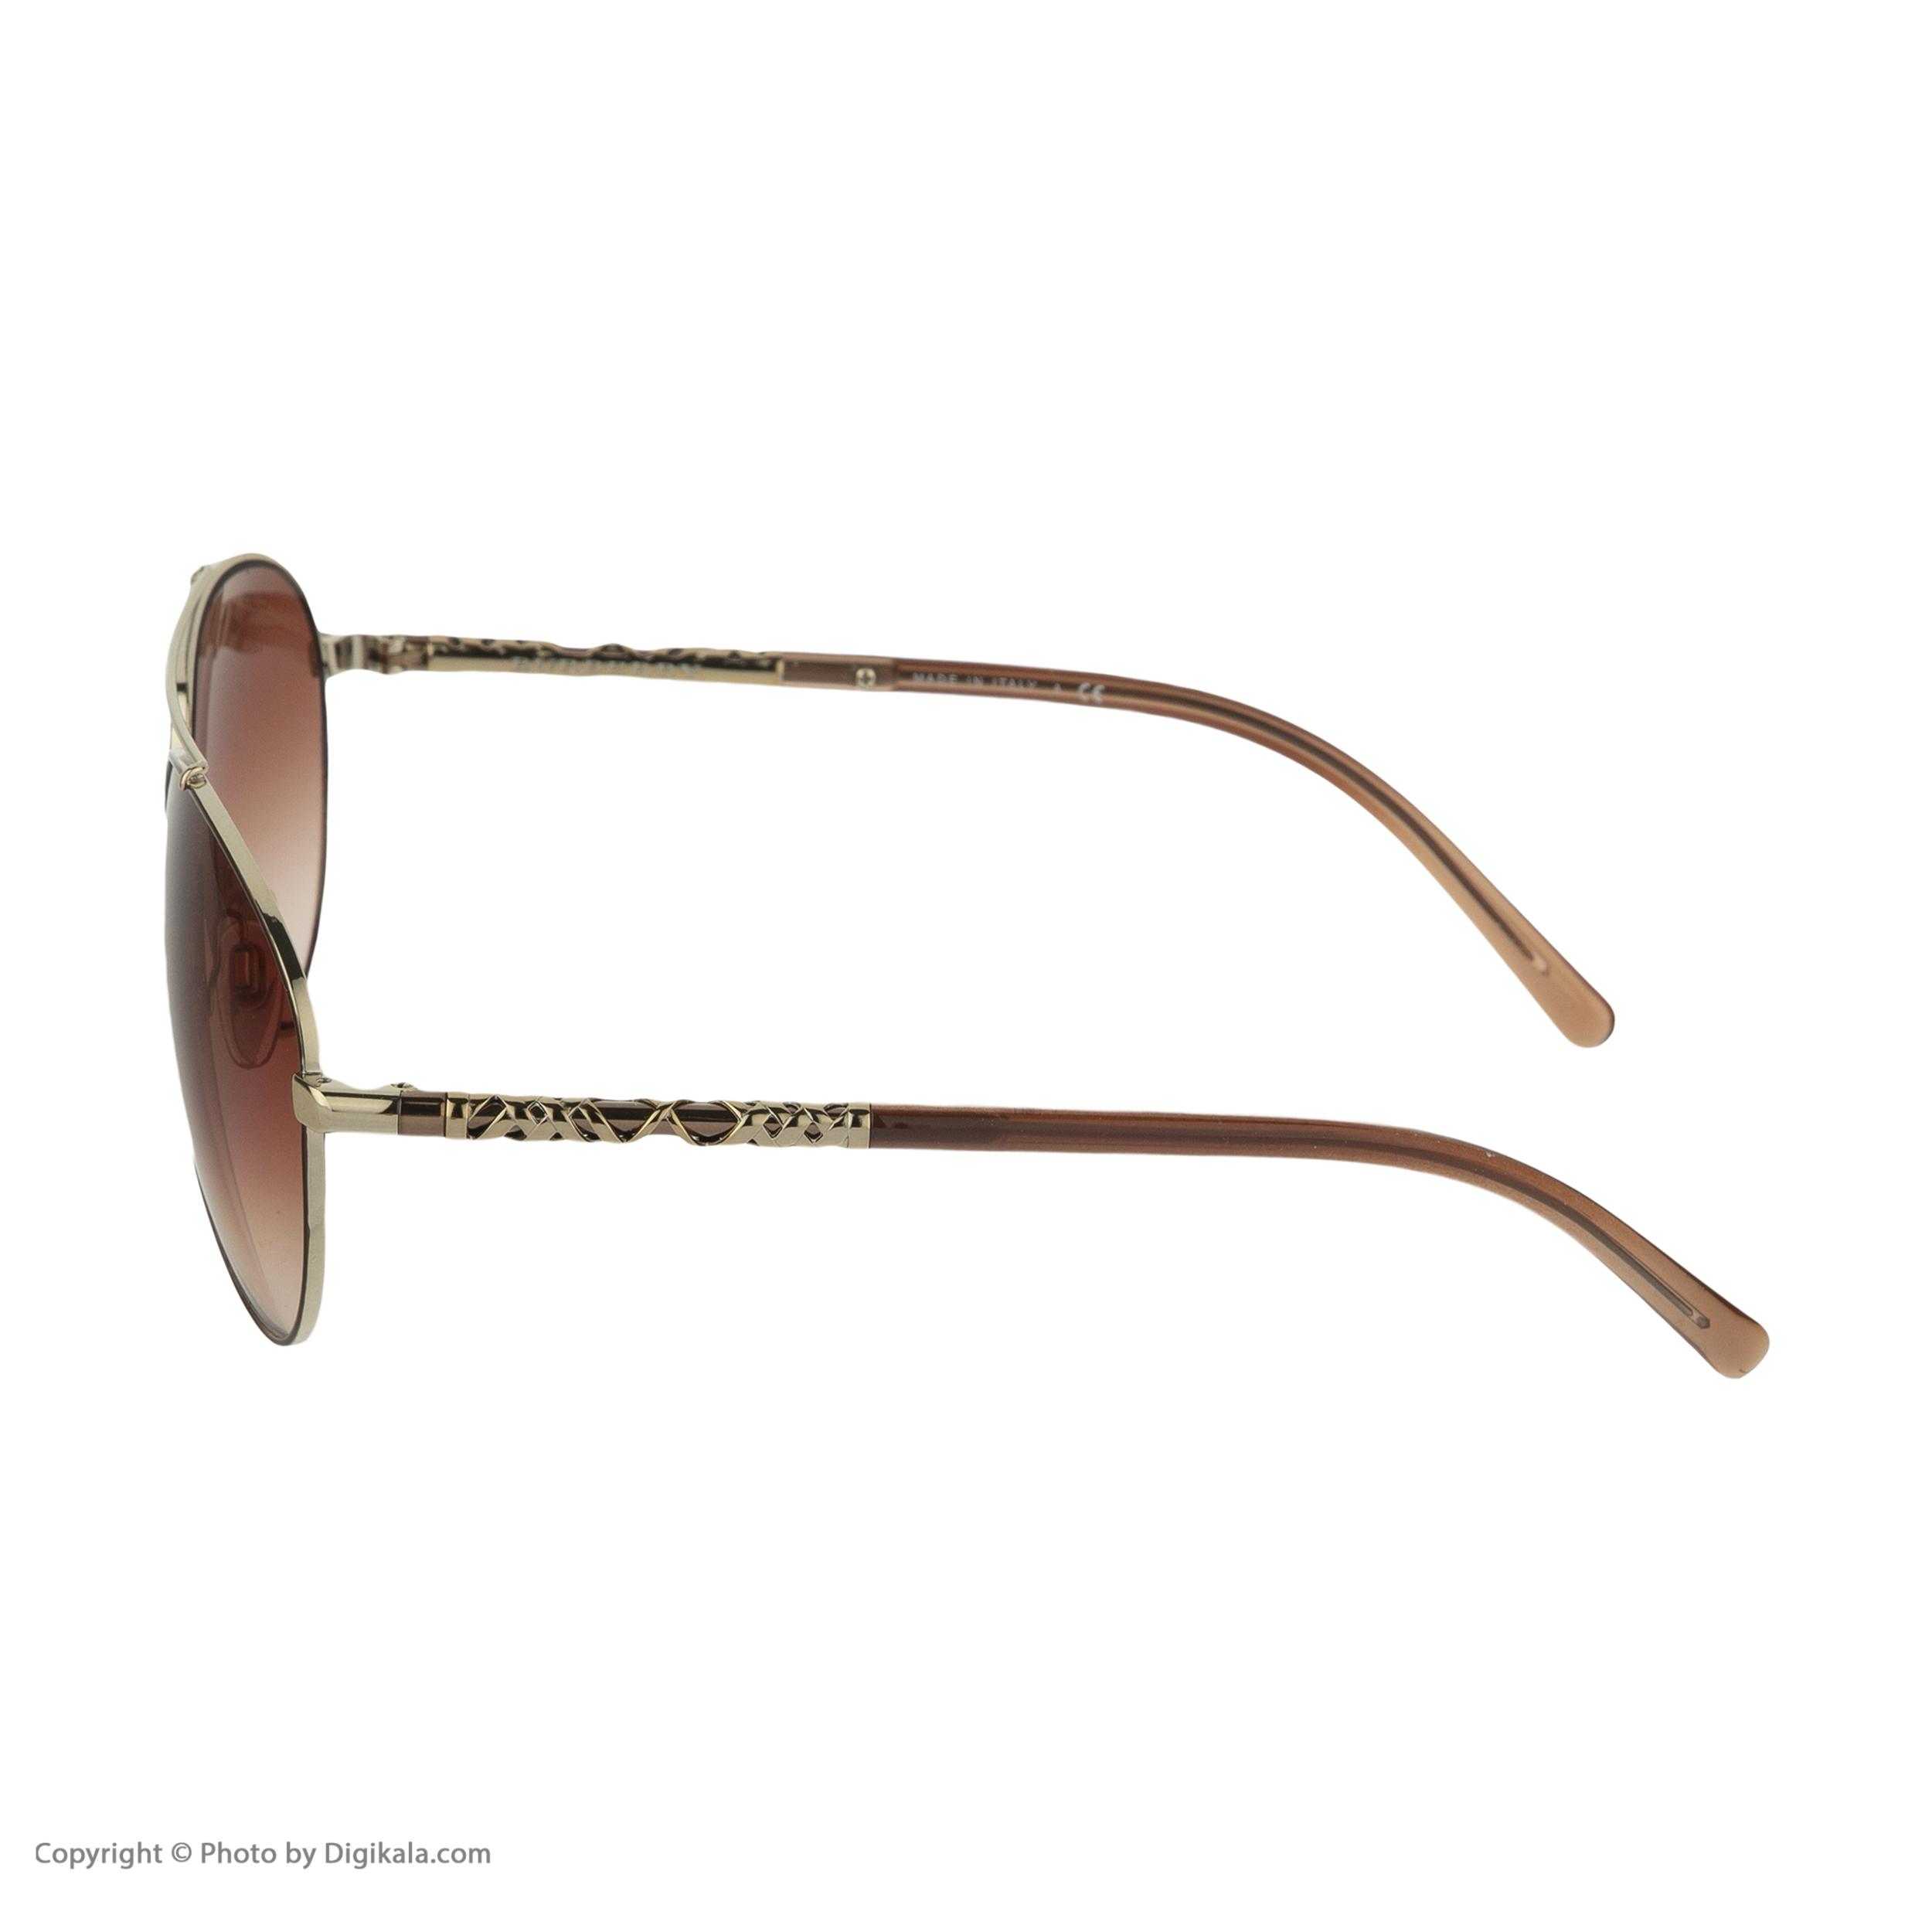 عینک آفتابی زنانه بربری مدل BE 3089S 121613 58 -  - 6